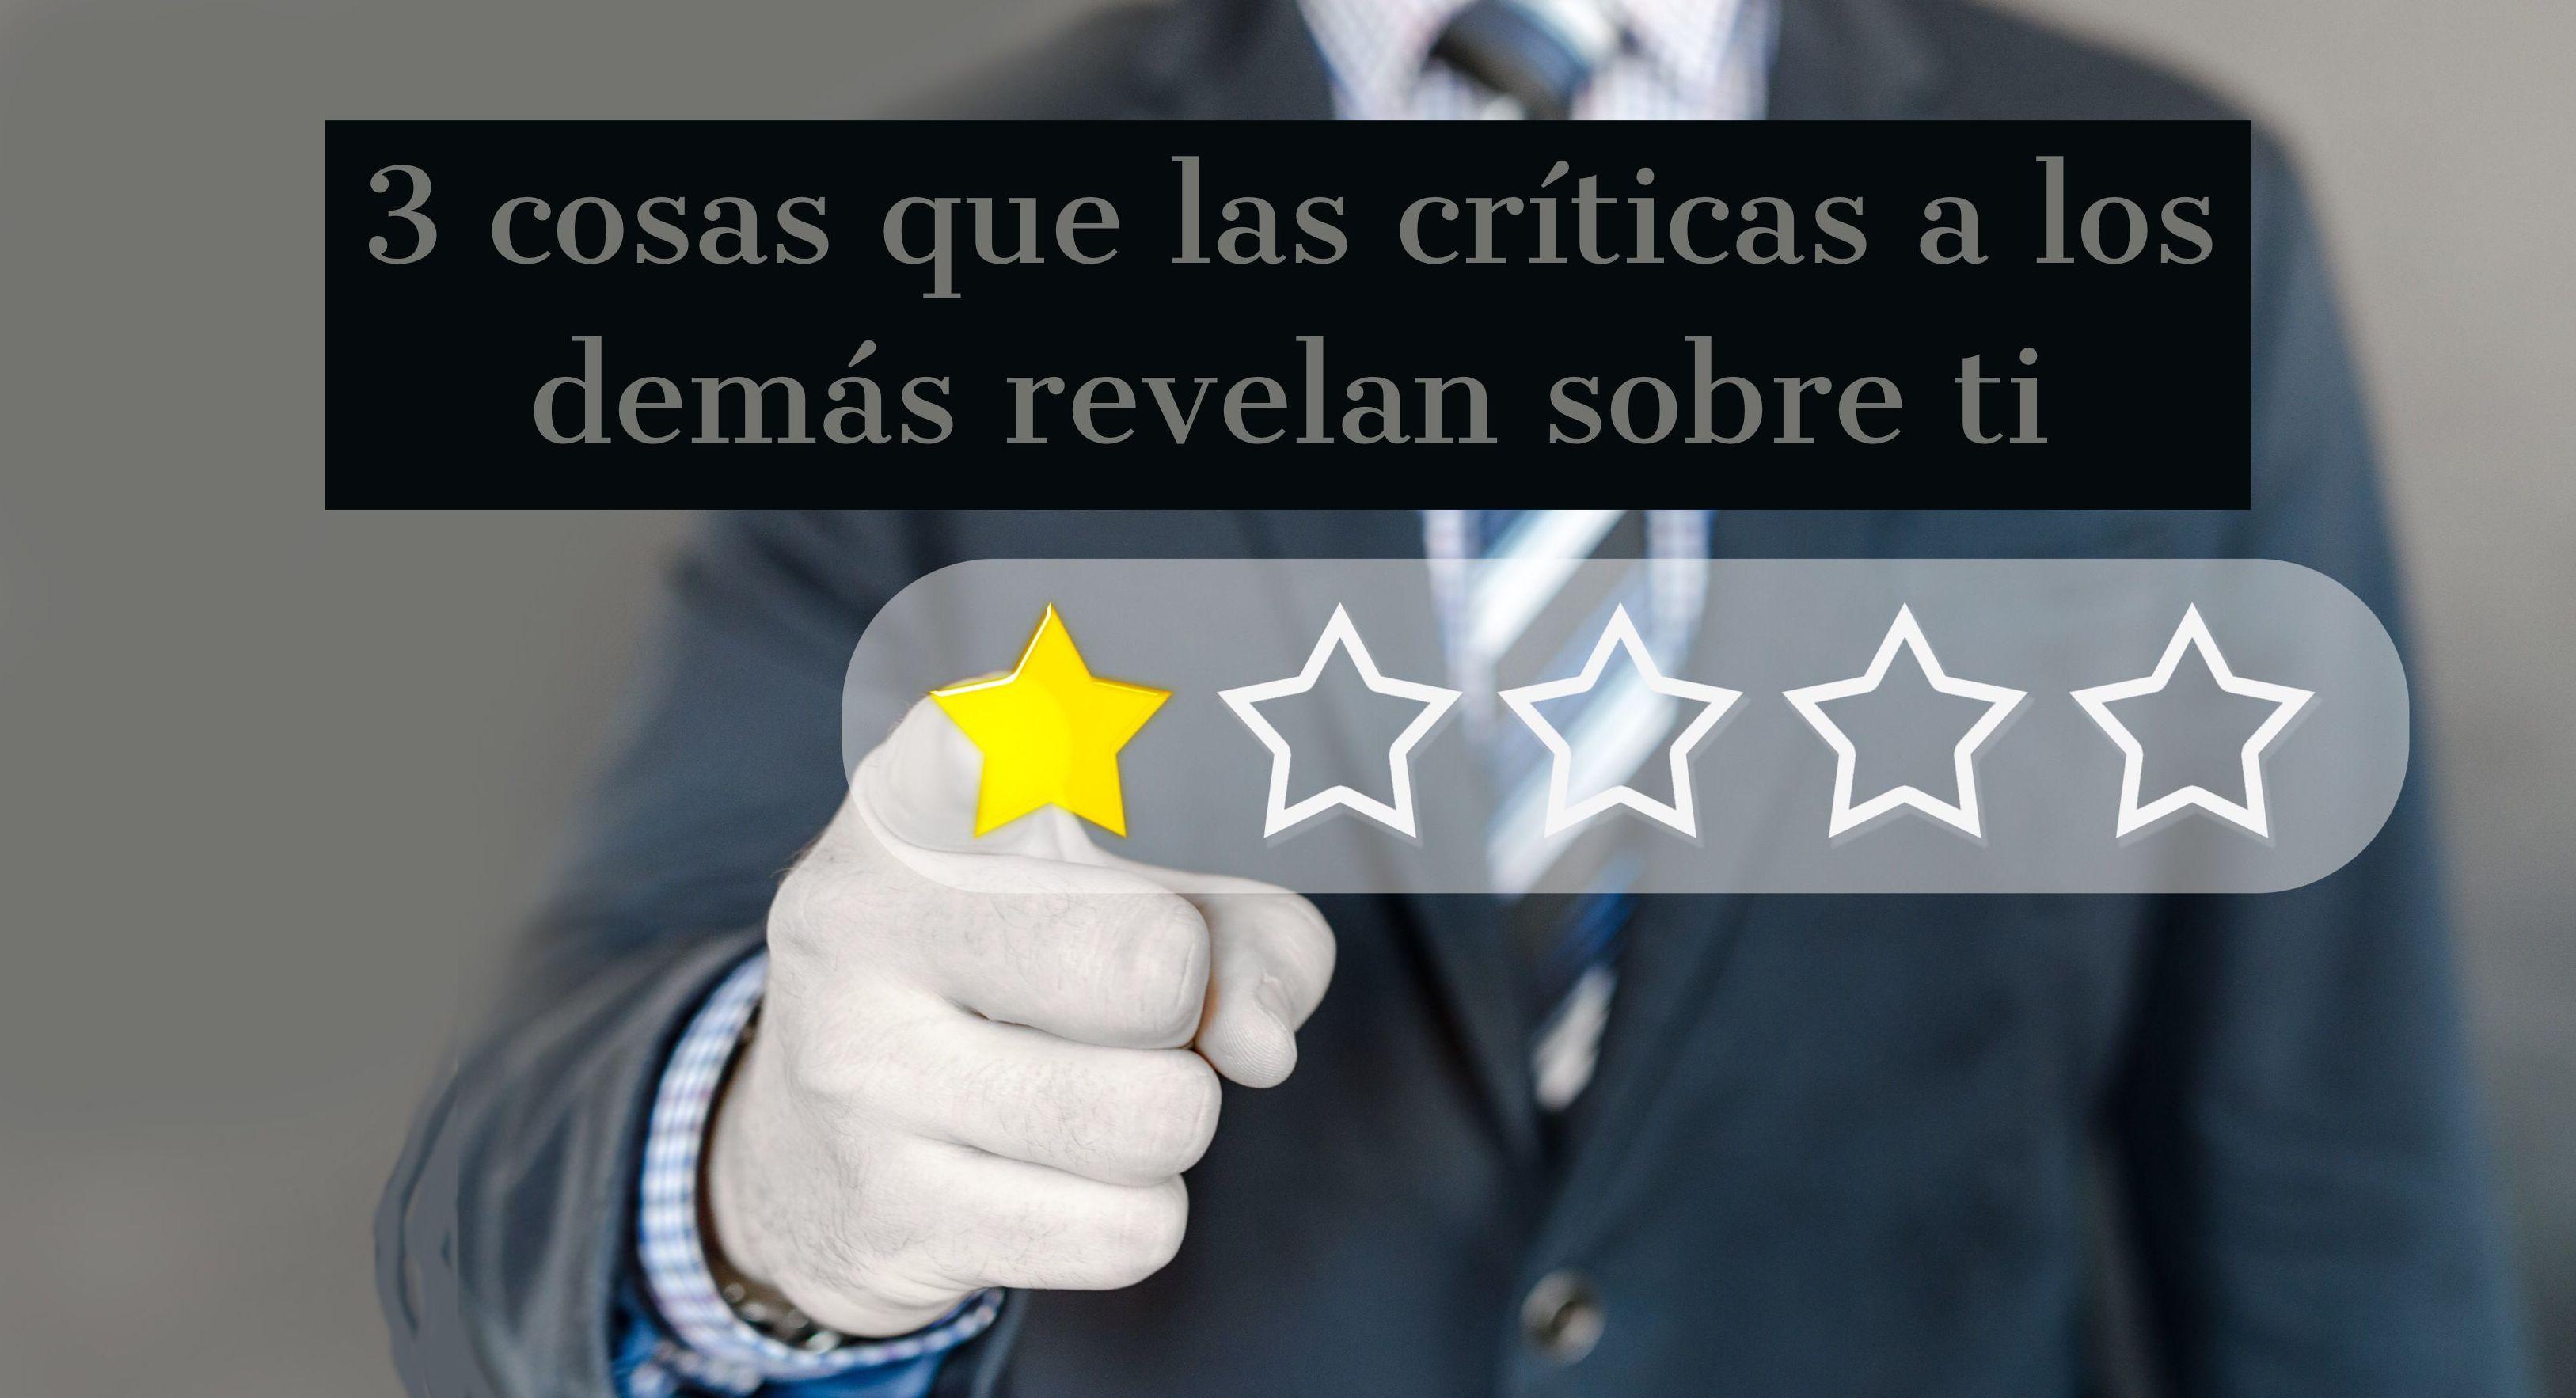 3 cosas que las críticas a los demás revelan sobre ti